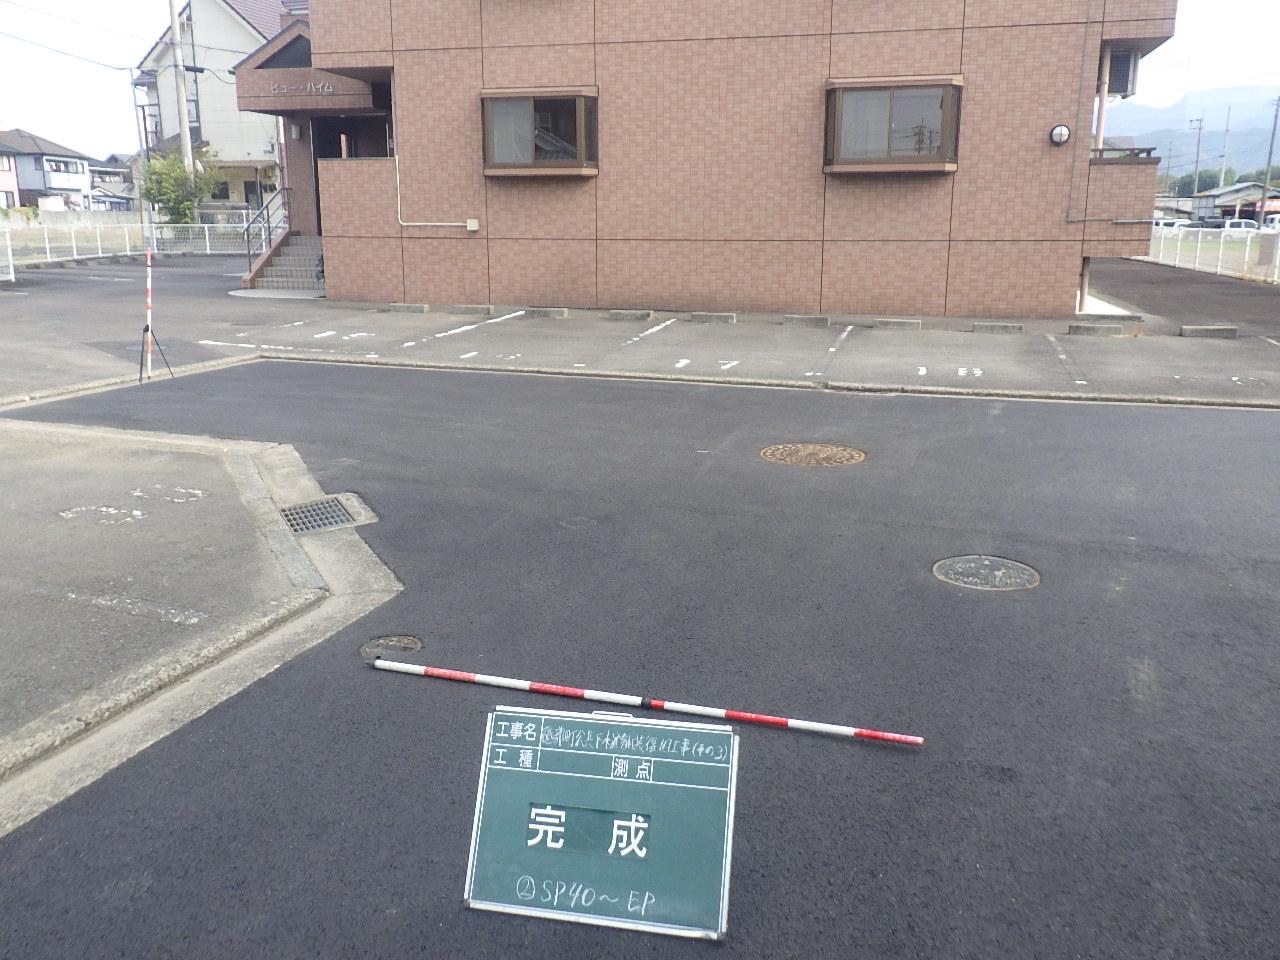 31砥下第16号 砥部町公共下水道路舗装復旧工事(その3)